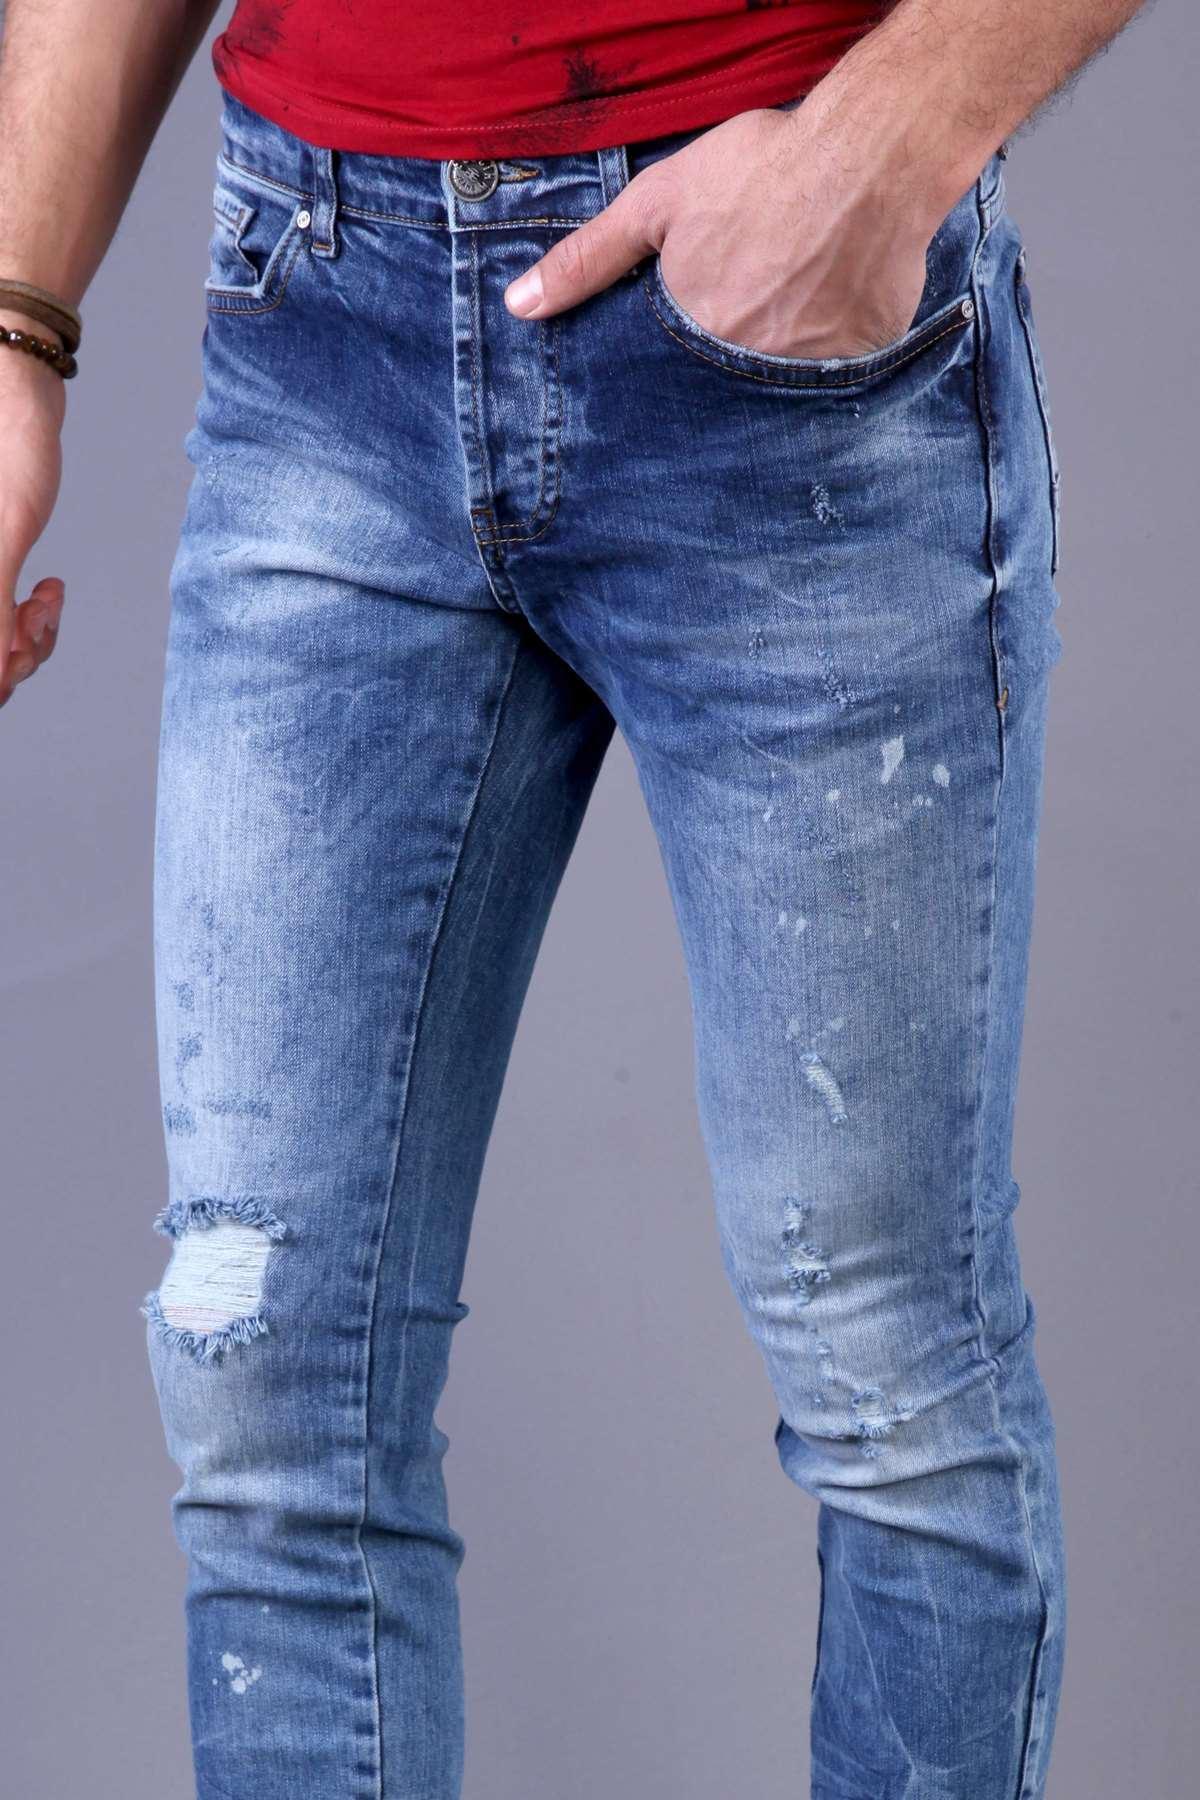 Paça Ucu Yırtıklı Üst Boyalı Taşlamalı Slim Fit Kot Pantolon Koyu-Mavi